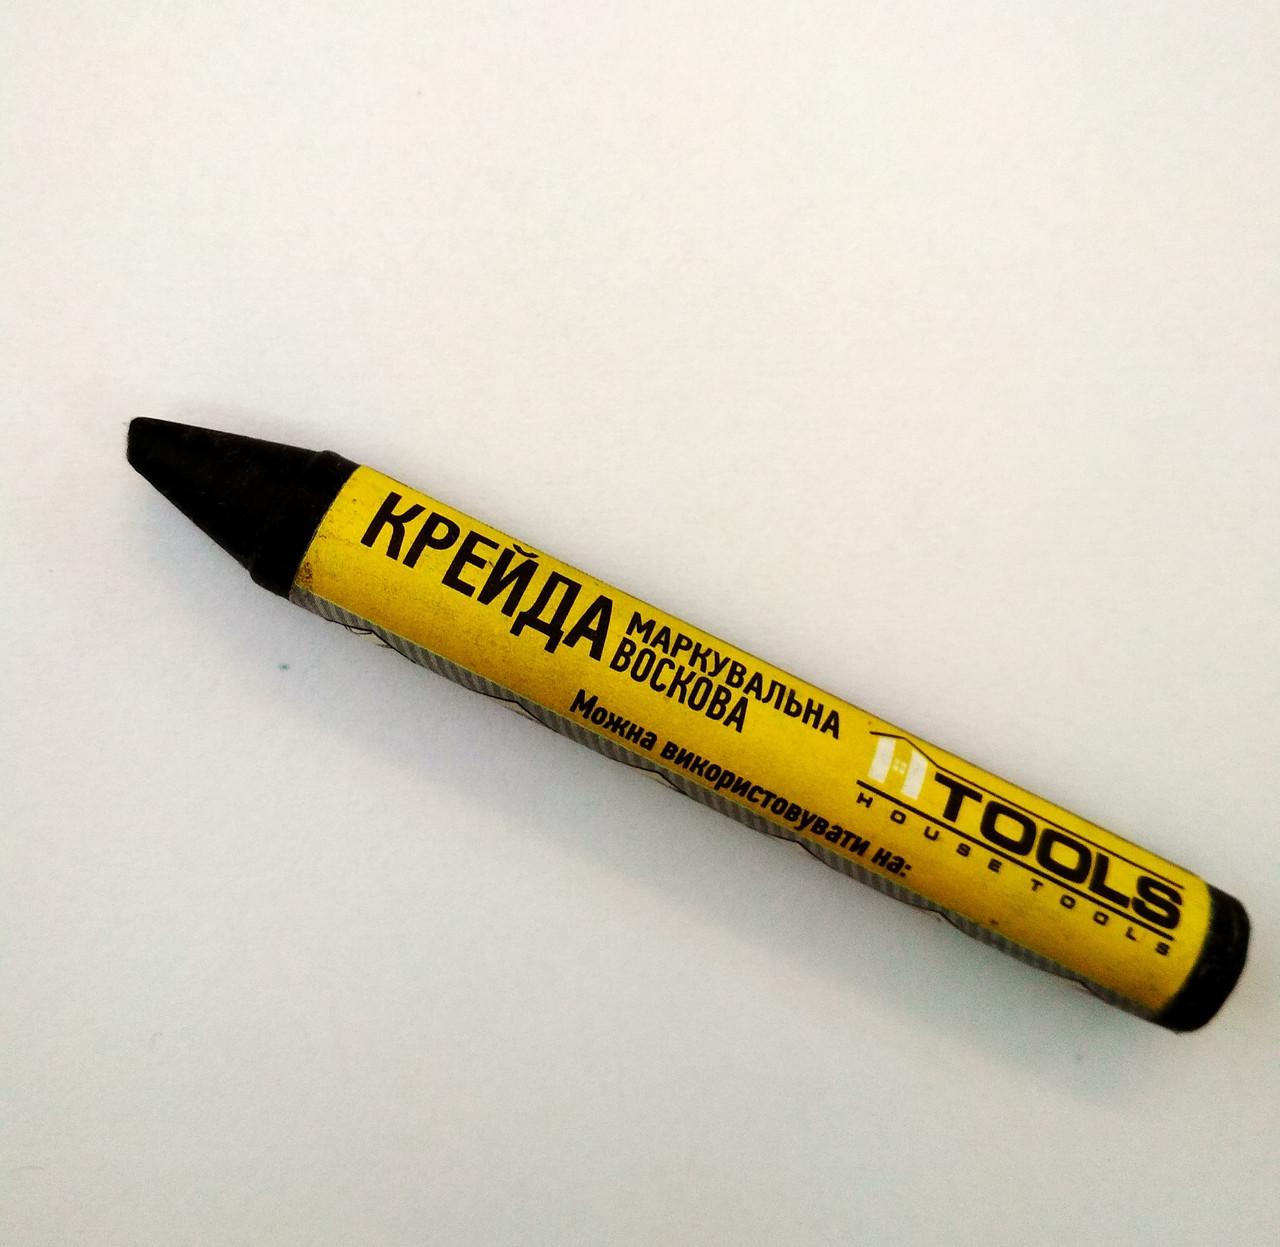 Мел маркировочный восковой, черный (2шт в пакете). HTools, 14K844